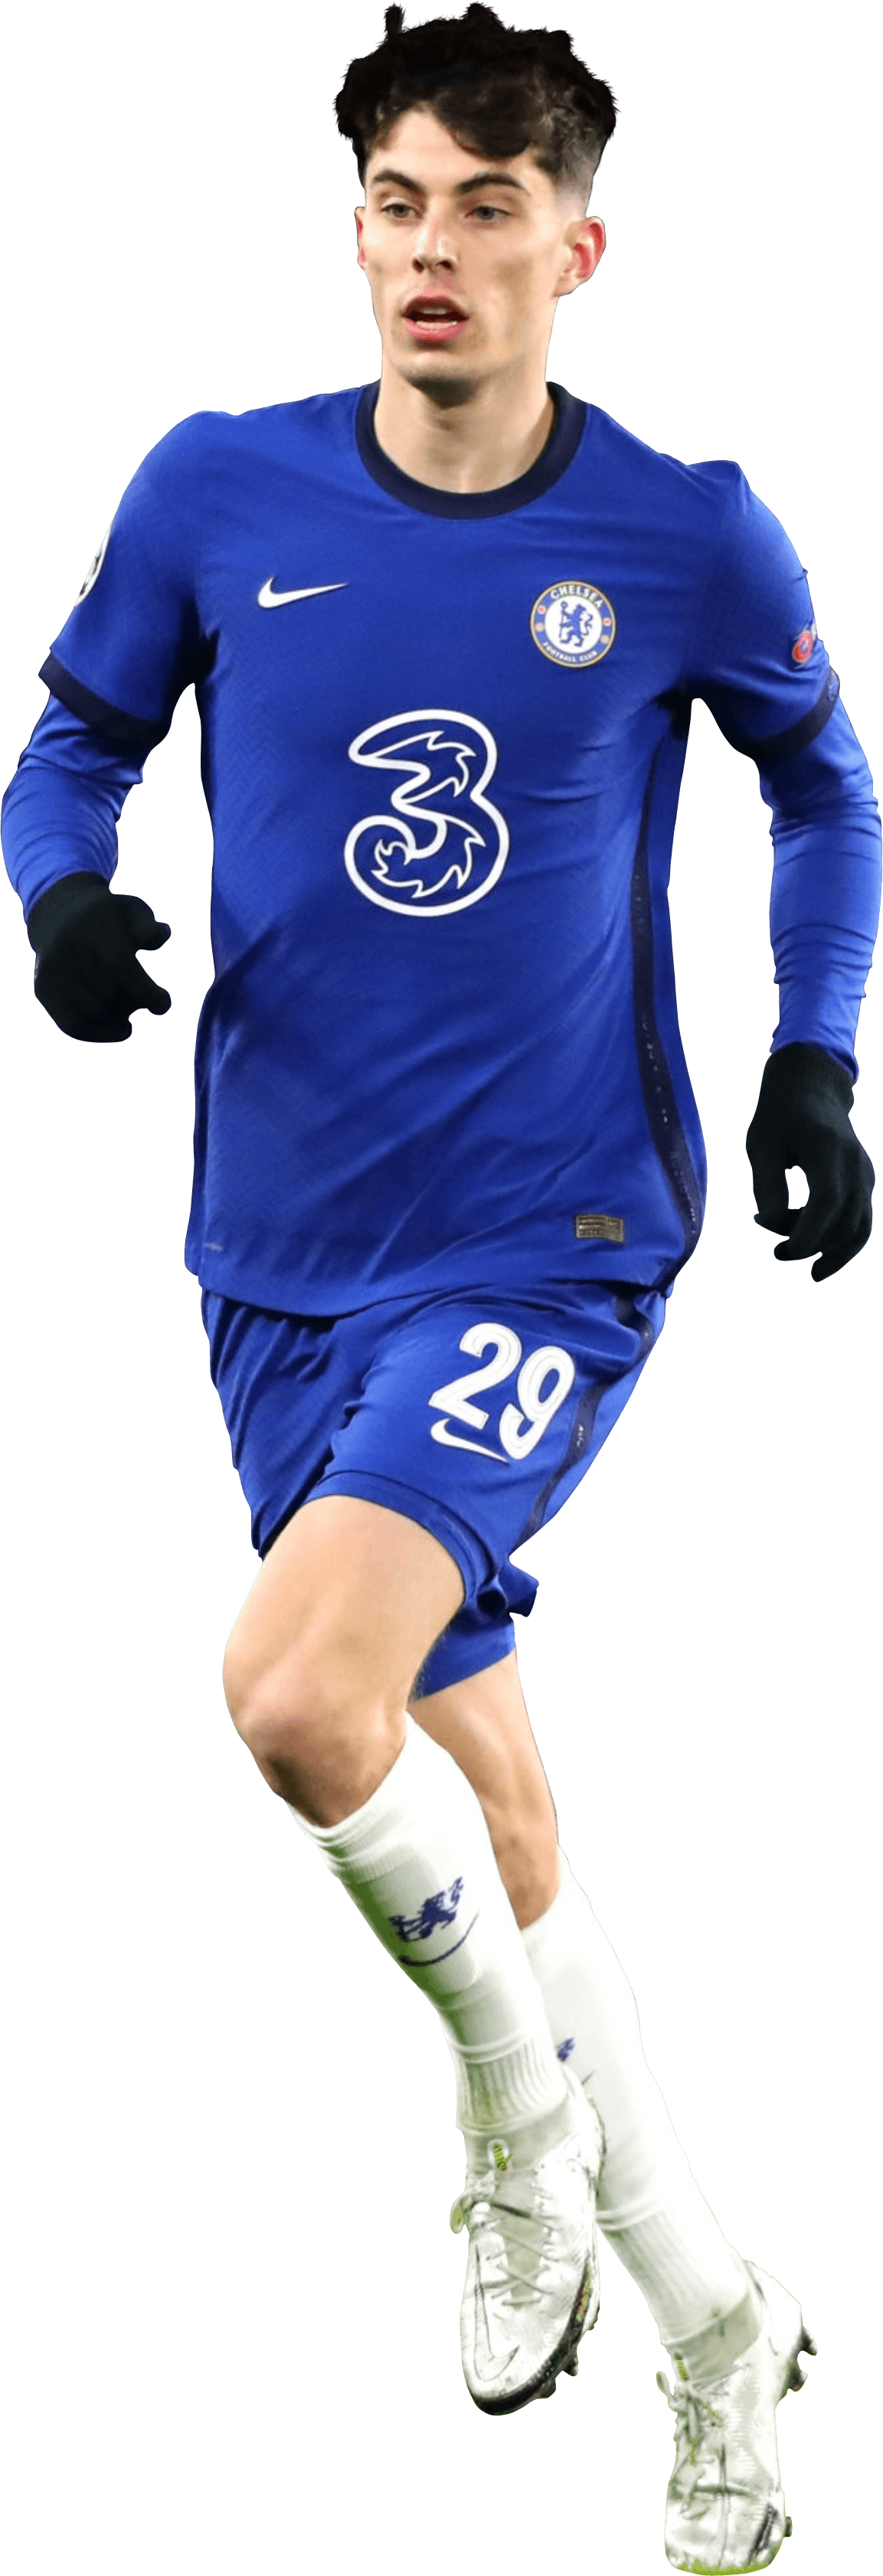 Kai Havertz football render - 75654 - FootyRenders